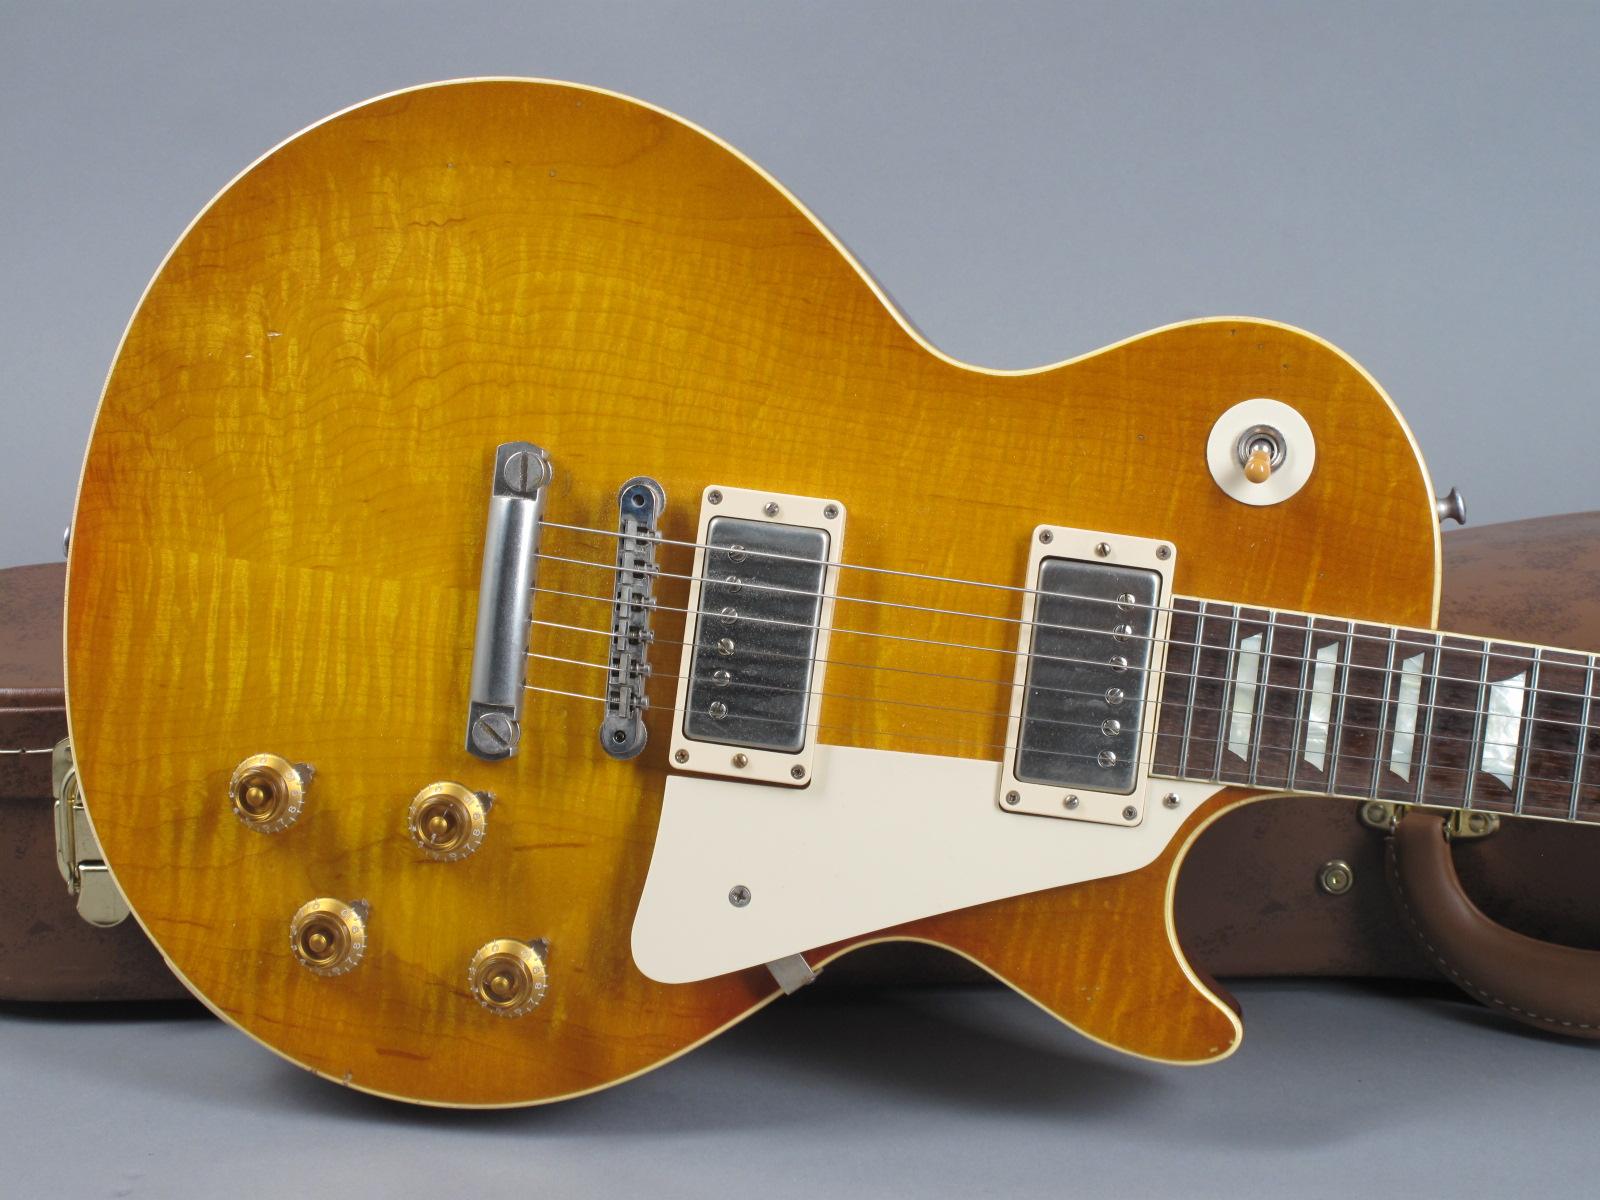 https://guitarpoint.de/app/uploads/products/2015-gibson-les-paul-cc28-montrose-stp-burst-2/2015_Gibson-Les-Paul-CC28-Montrose-CC28A096-9.jpg